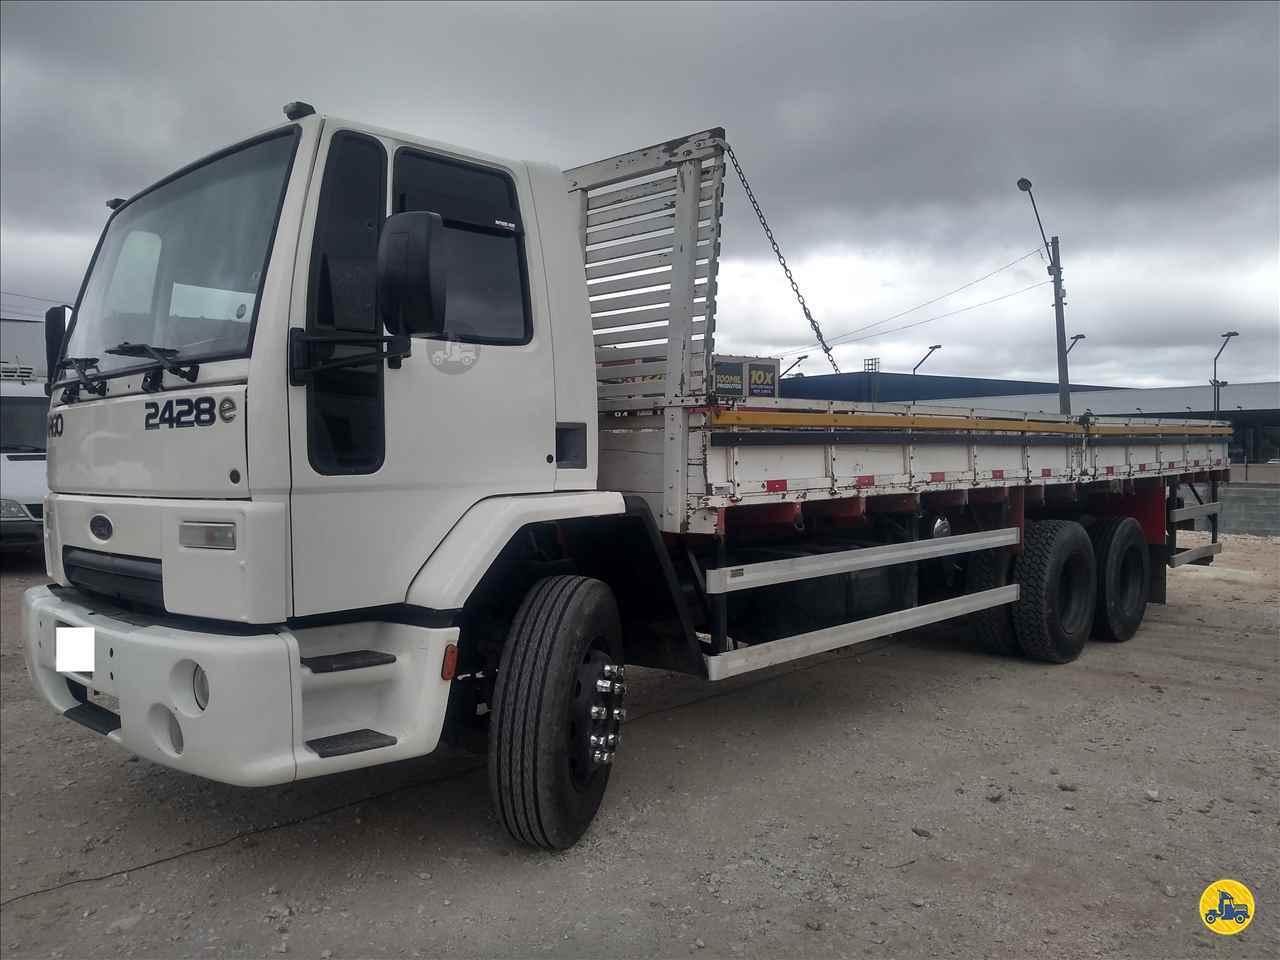 CAMINHAO FORD CARGO 2428 Carga Seca Truck 6x2 Vitória Caminhões CURITIBA PARANÁ PR